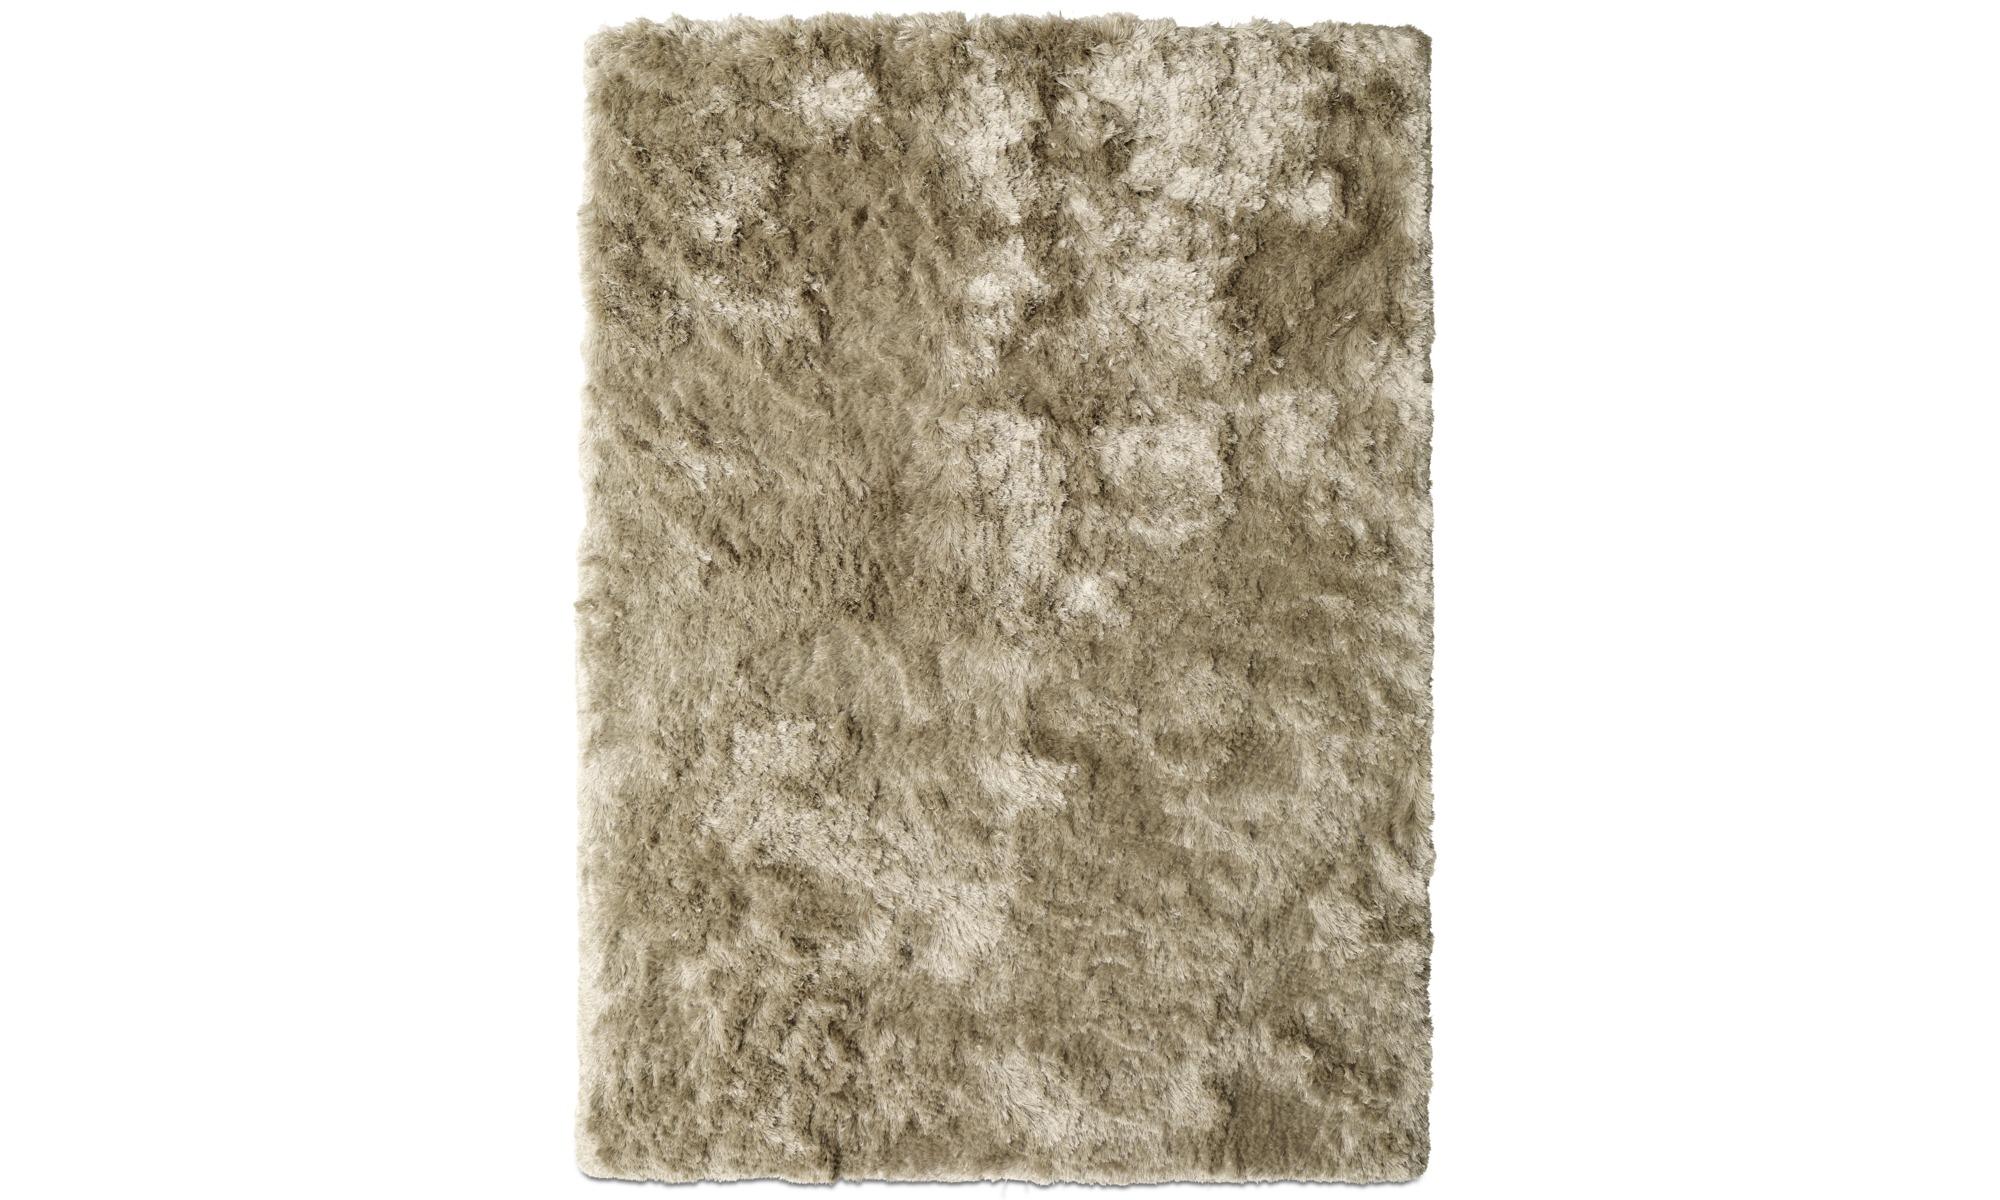 Round rugs - Neat rug - rectangular - Beige - Fabric